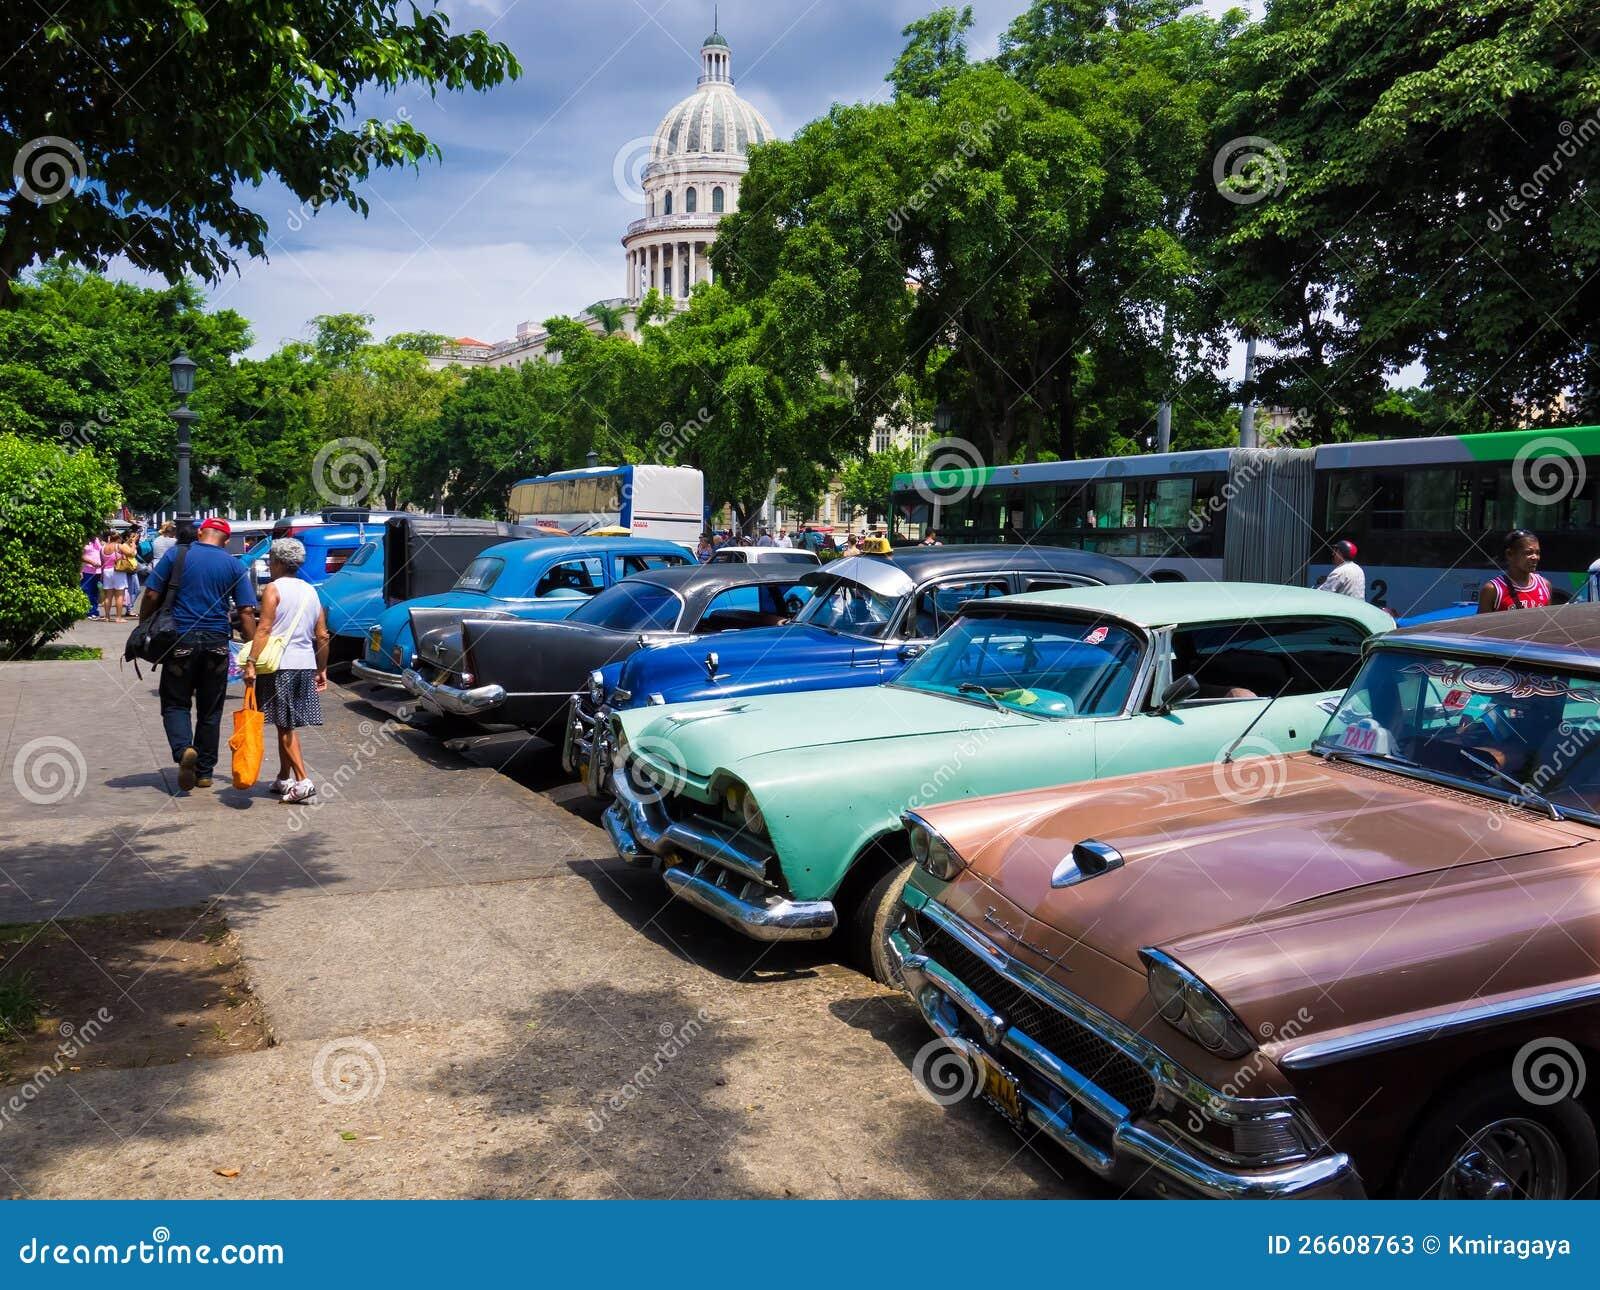 Car Prices In Cuba